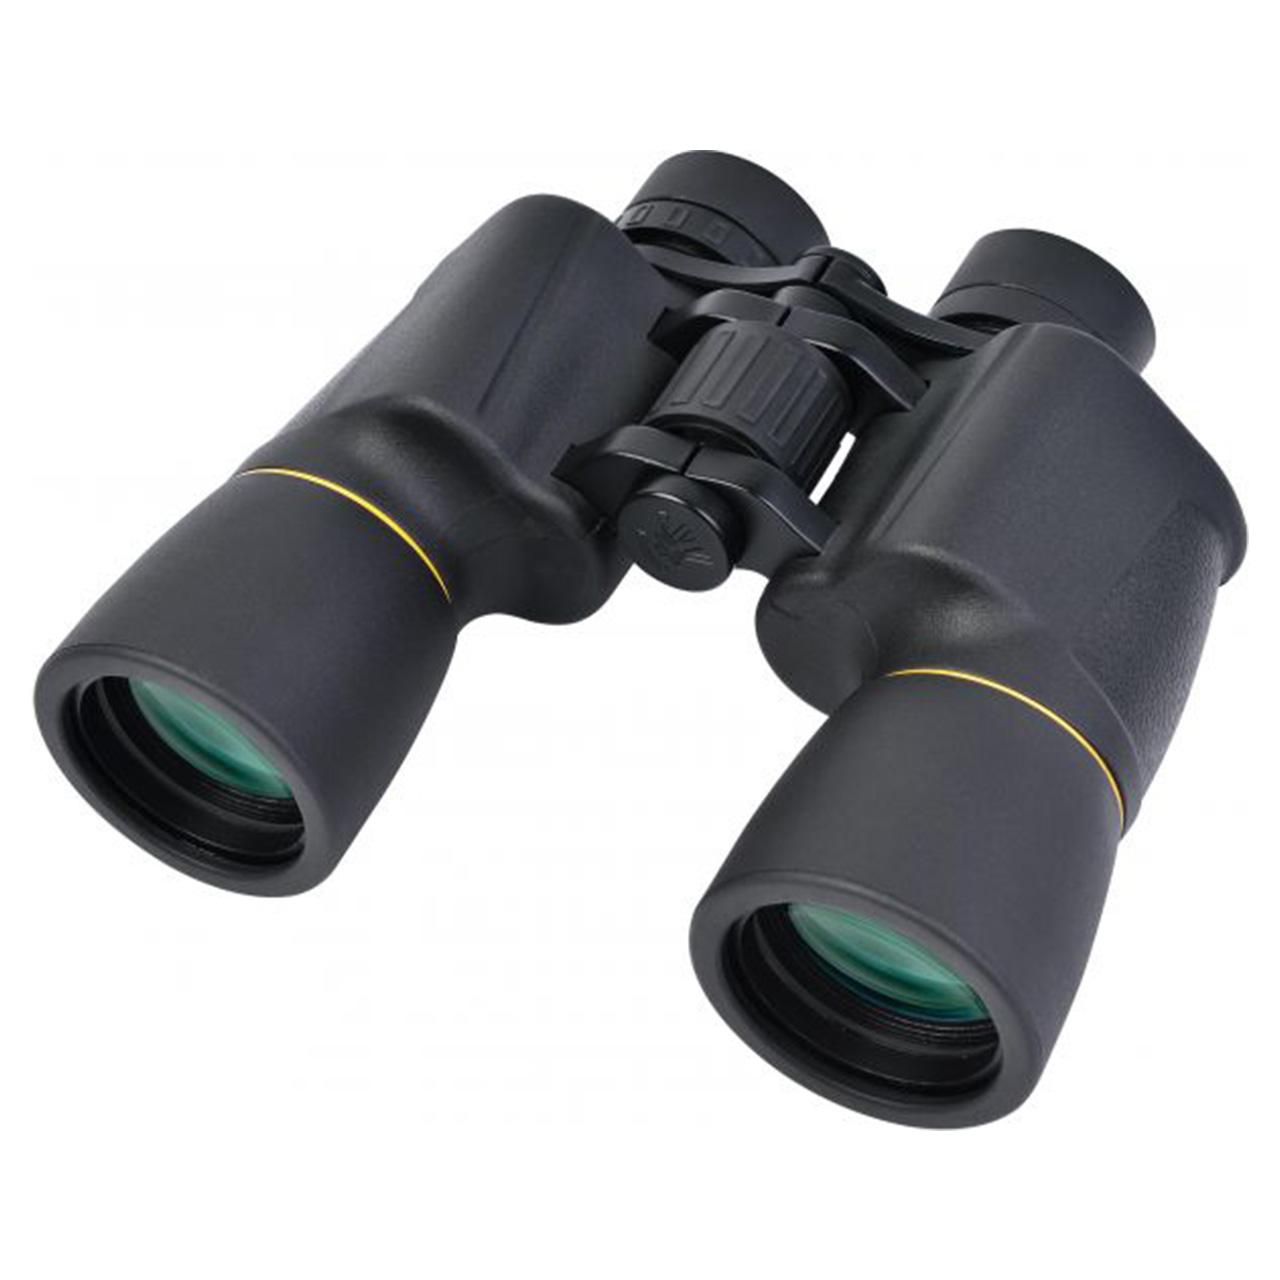 دوربین دوچشمی نشنال جئوگرافیک مدل  10X50 BK-4 Fernglas